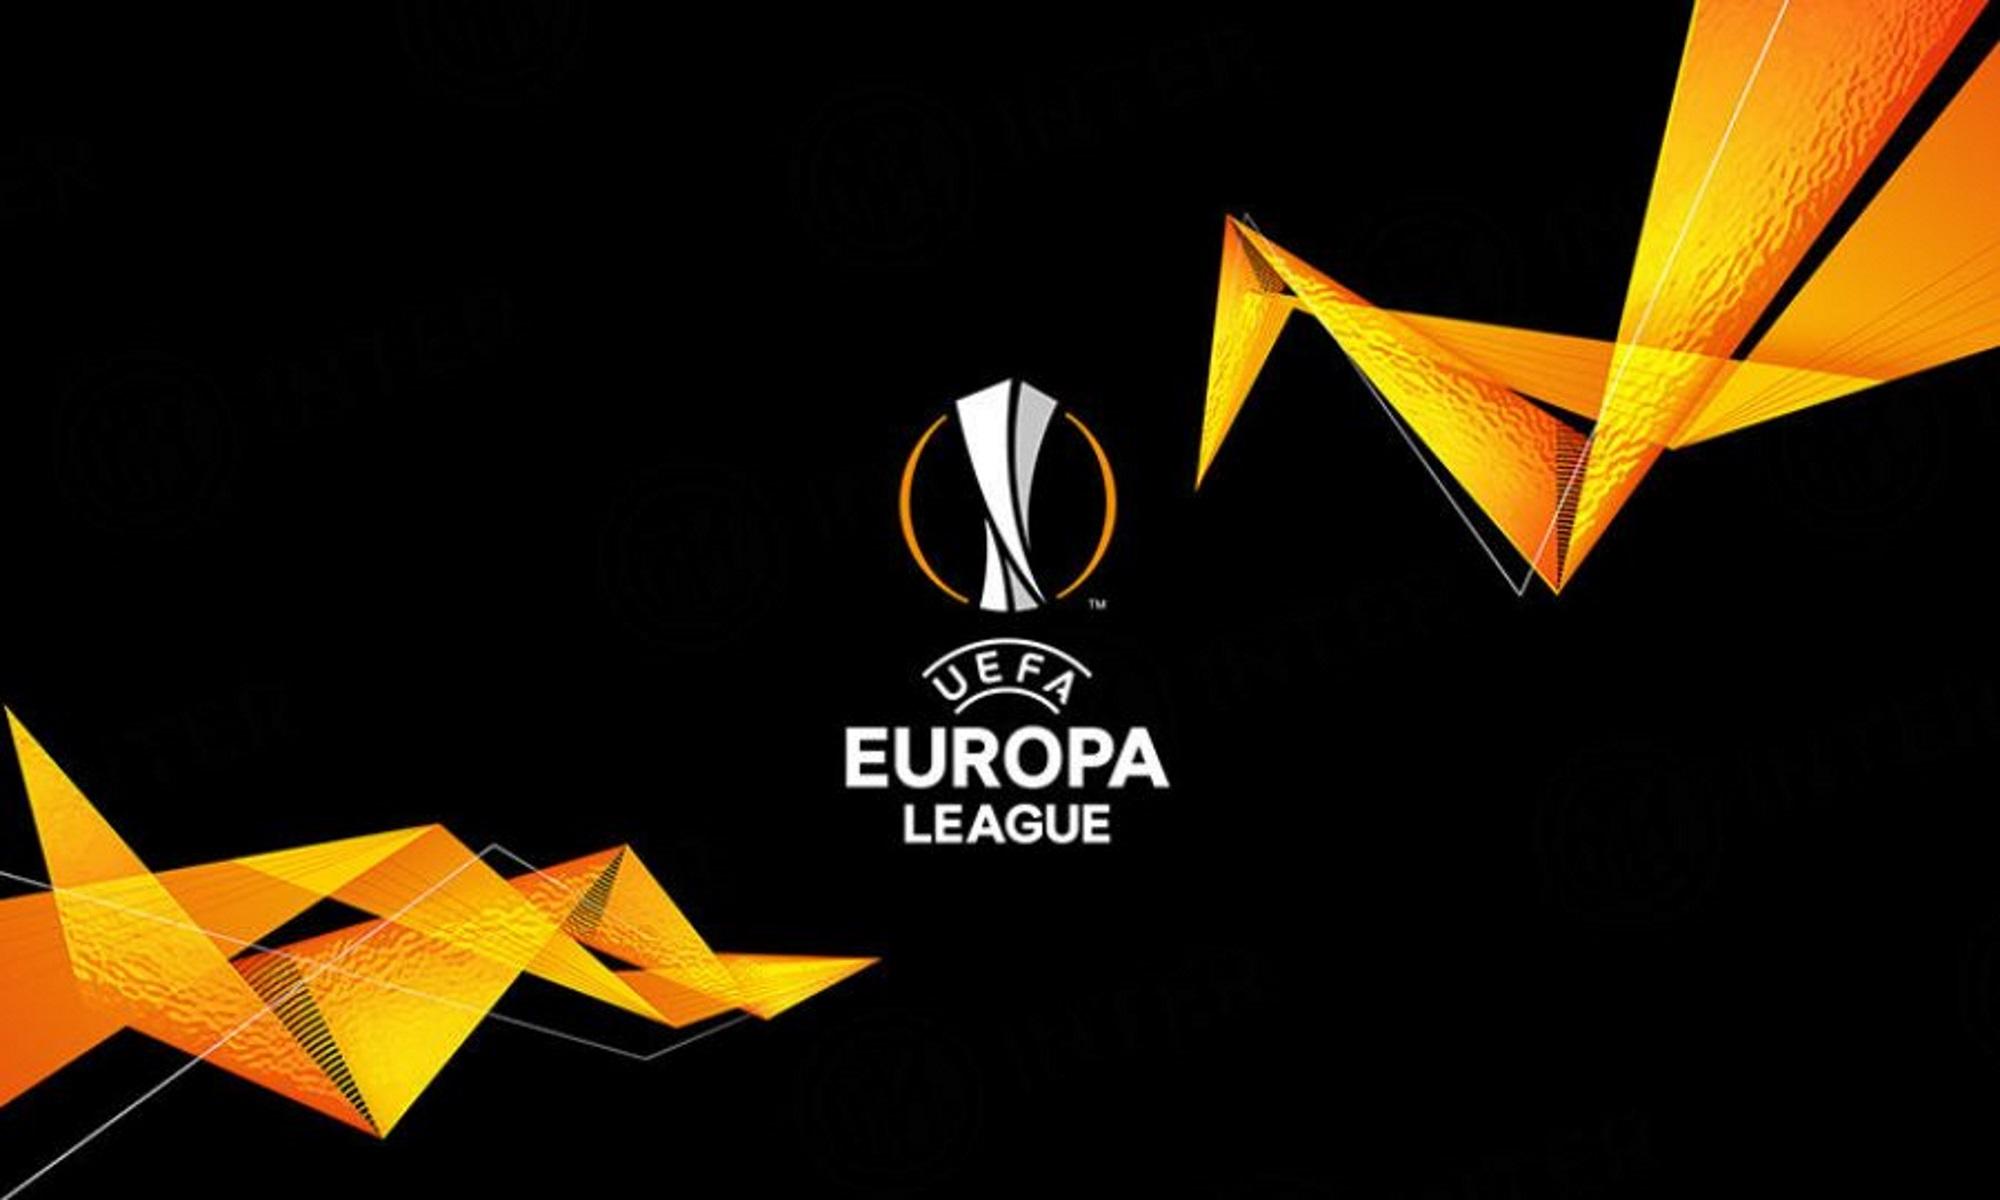 Αθλητικές μεταδόσεις με ΑΕΚ – Τραμπζονσπόρ και Σλόβαν – ΠΑΟΚ 10